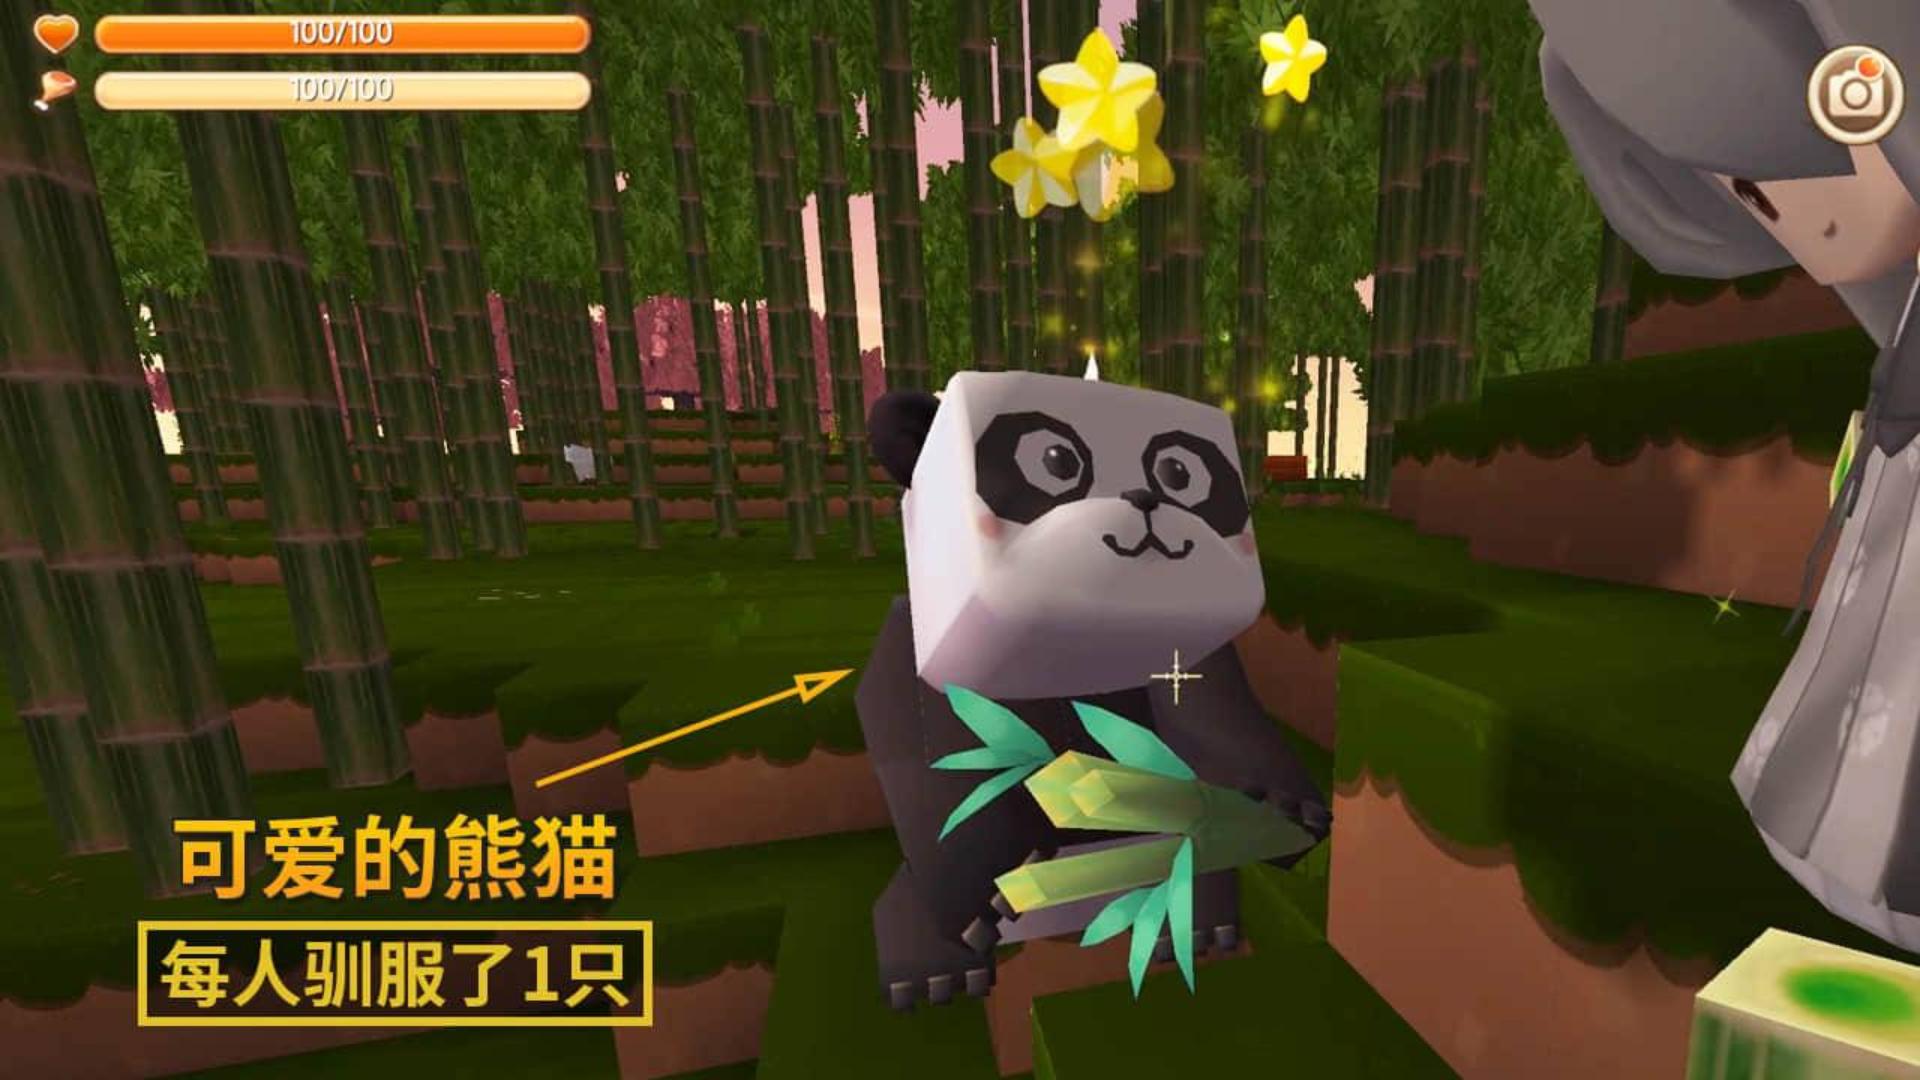 迷你世界164:我和贤弟都想拥有一个宠物,熊猫让我们如愿以偿!